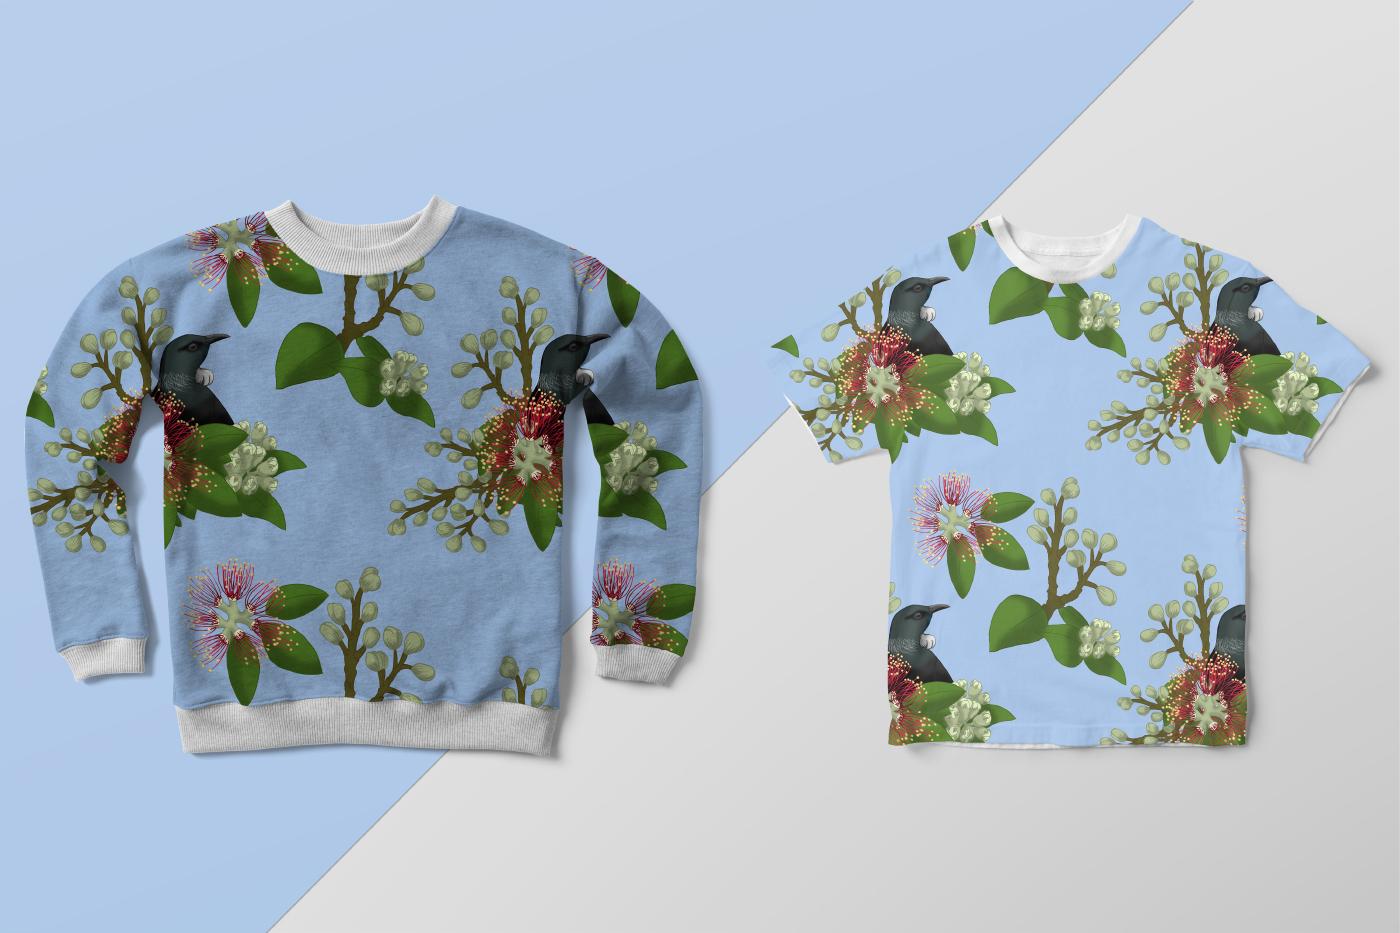 pattern,pattern design ,Tui,pohutuflowers,kiwiana,New Zealand